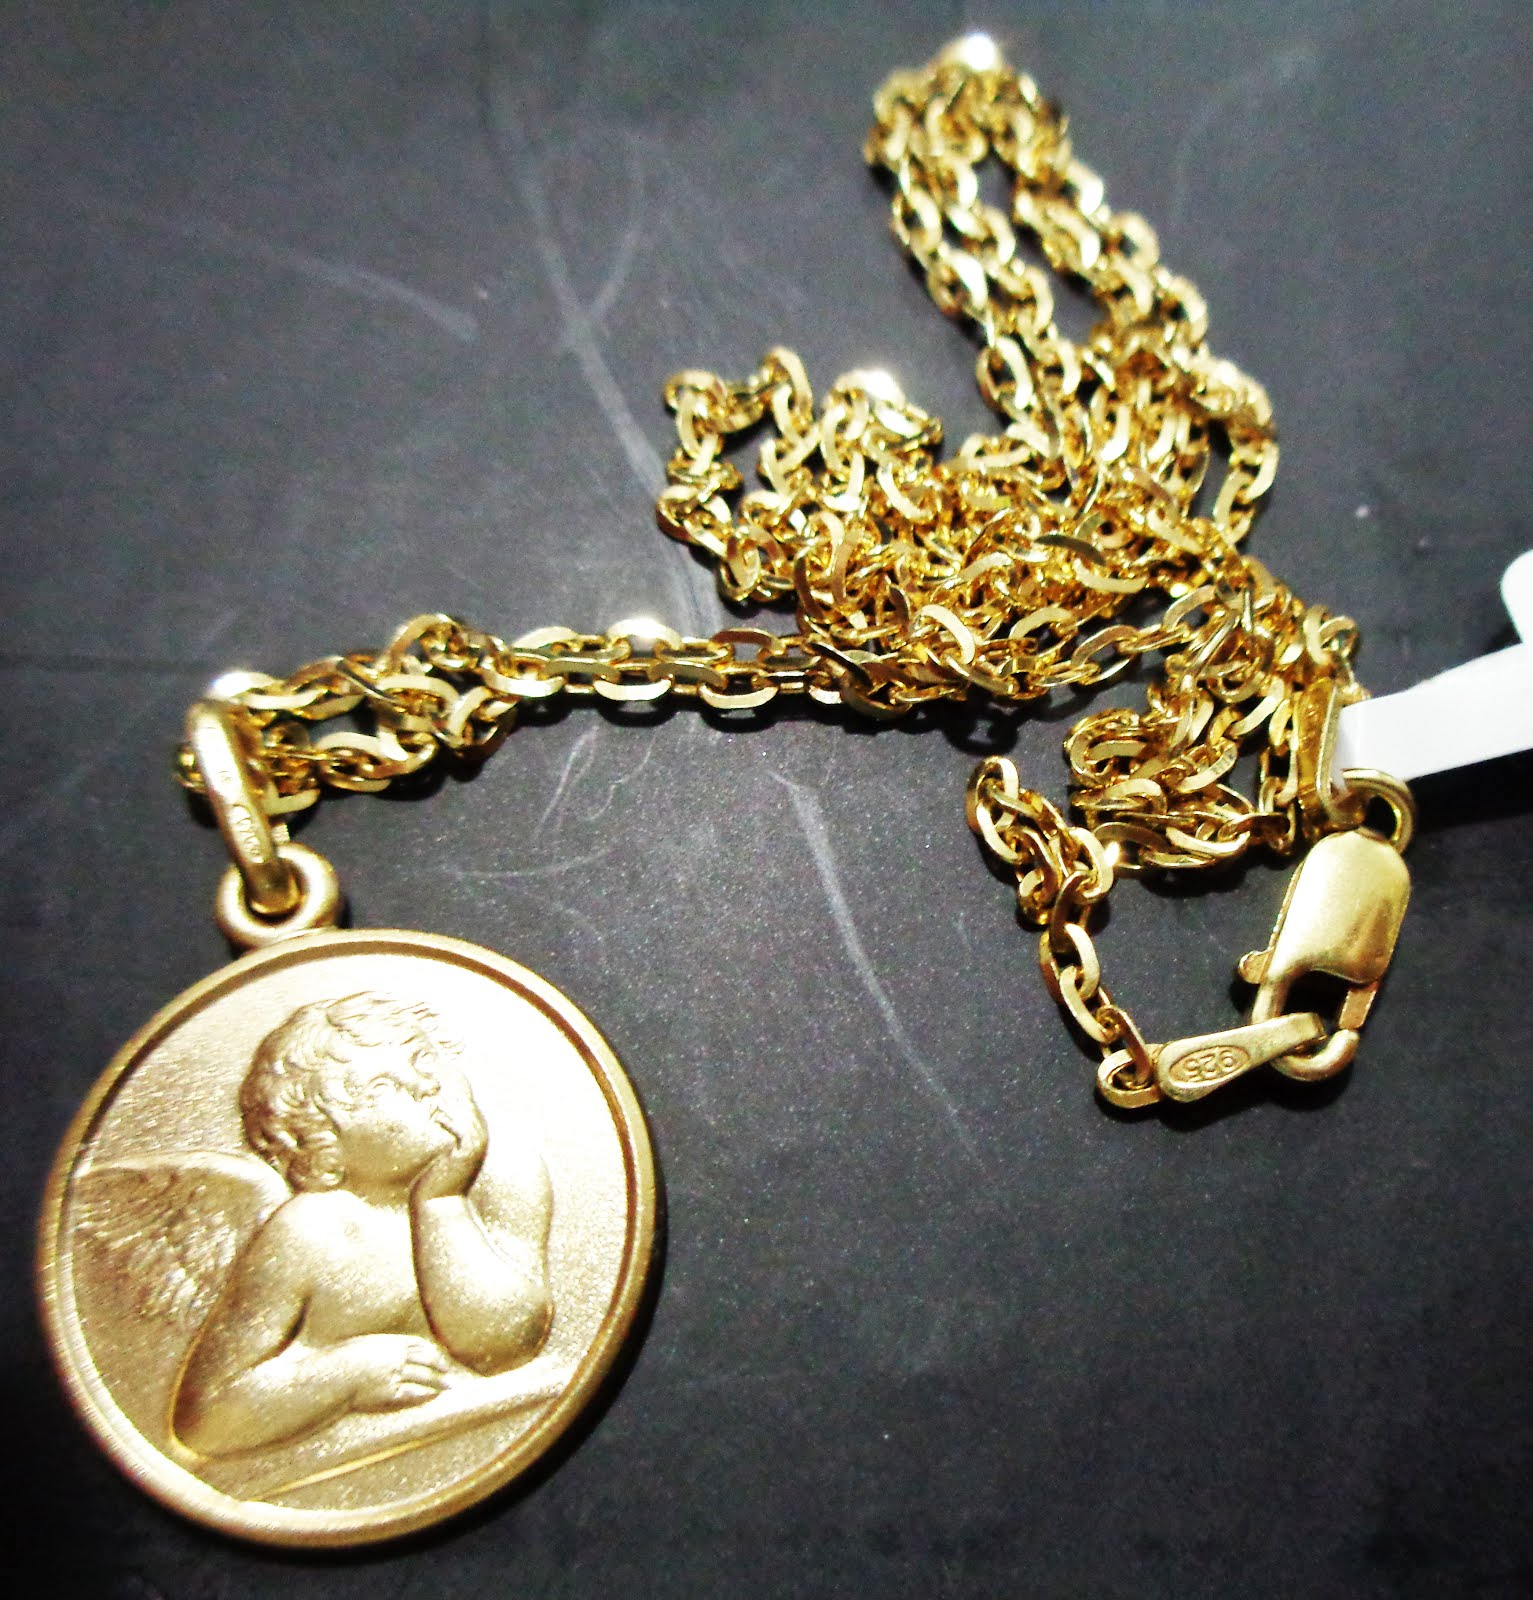 Cadena y medalla con un ángel de la guarda de plata dorada